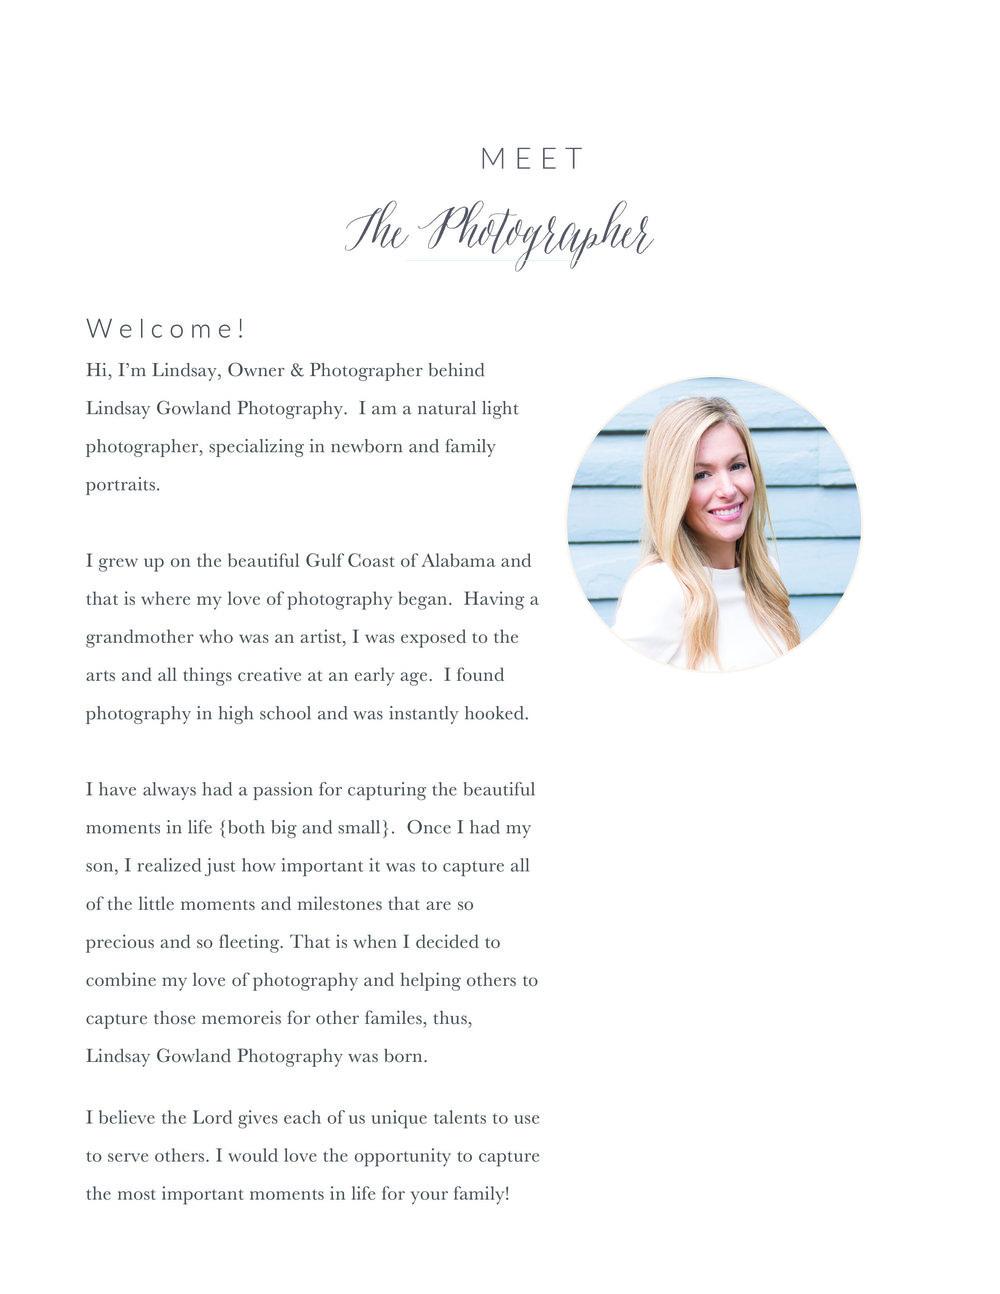 Meet-The-Photographer4.jpg